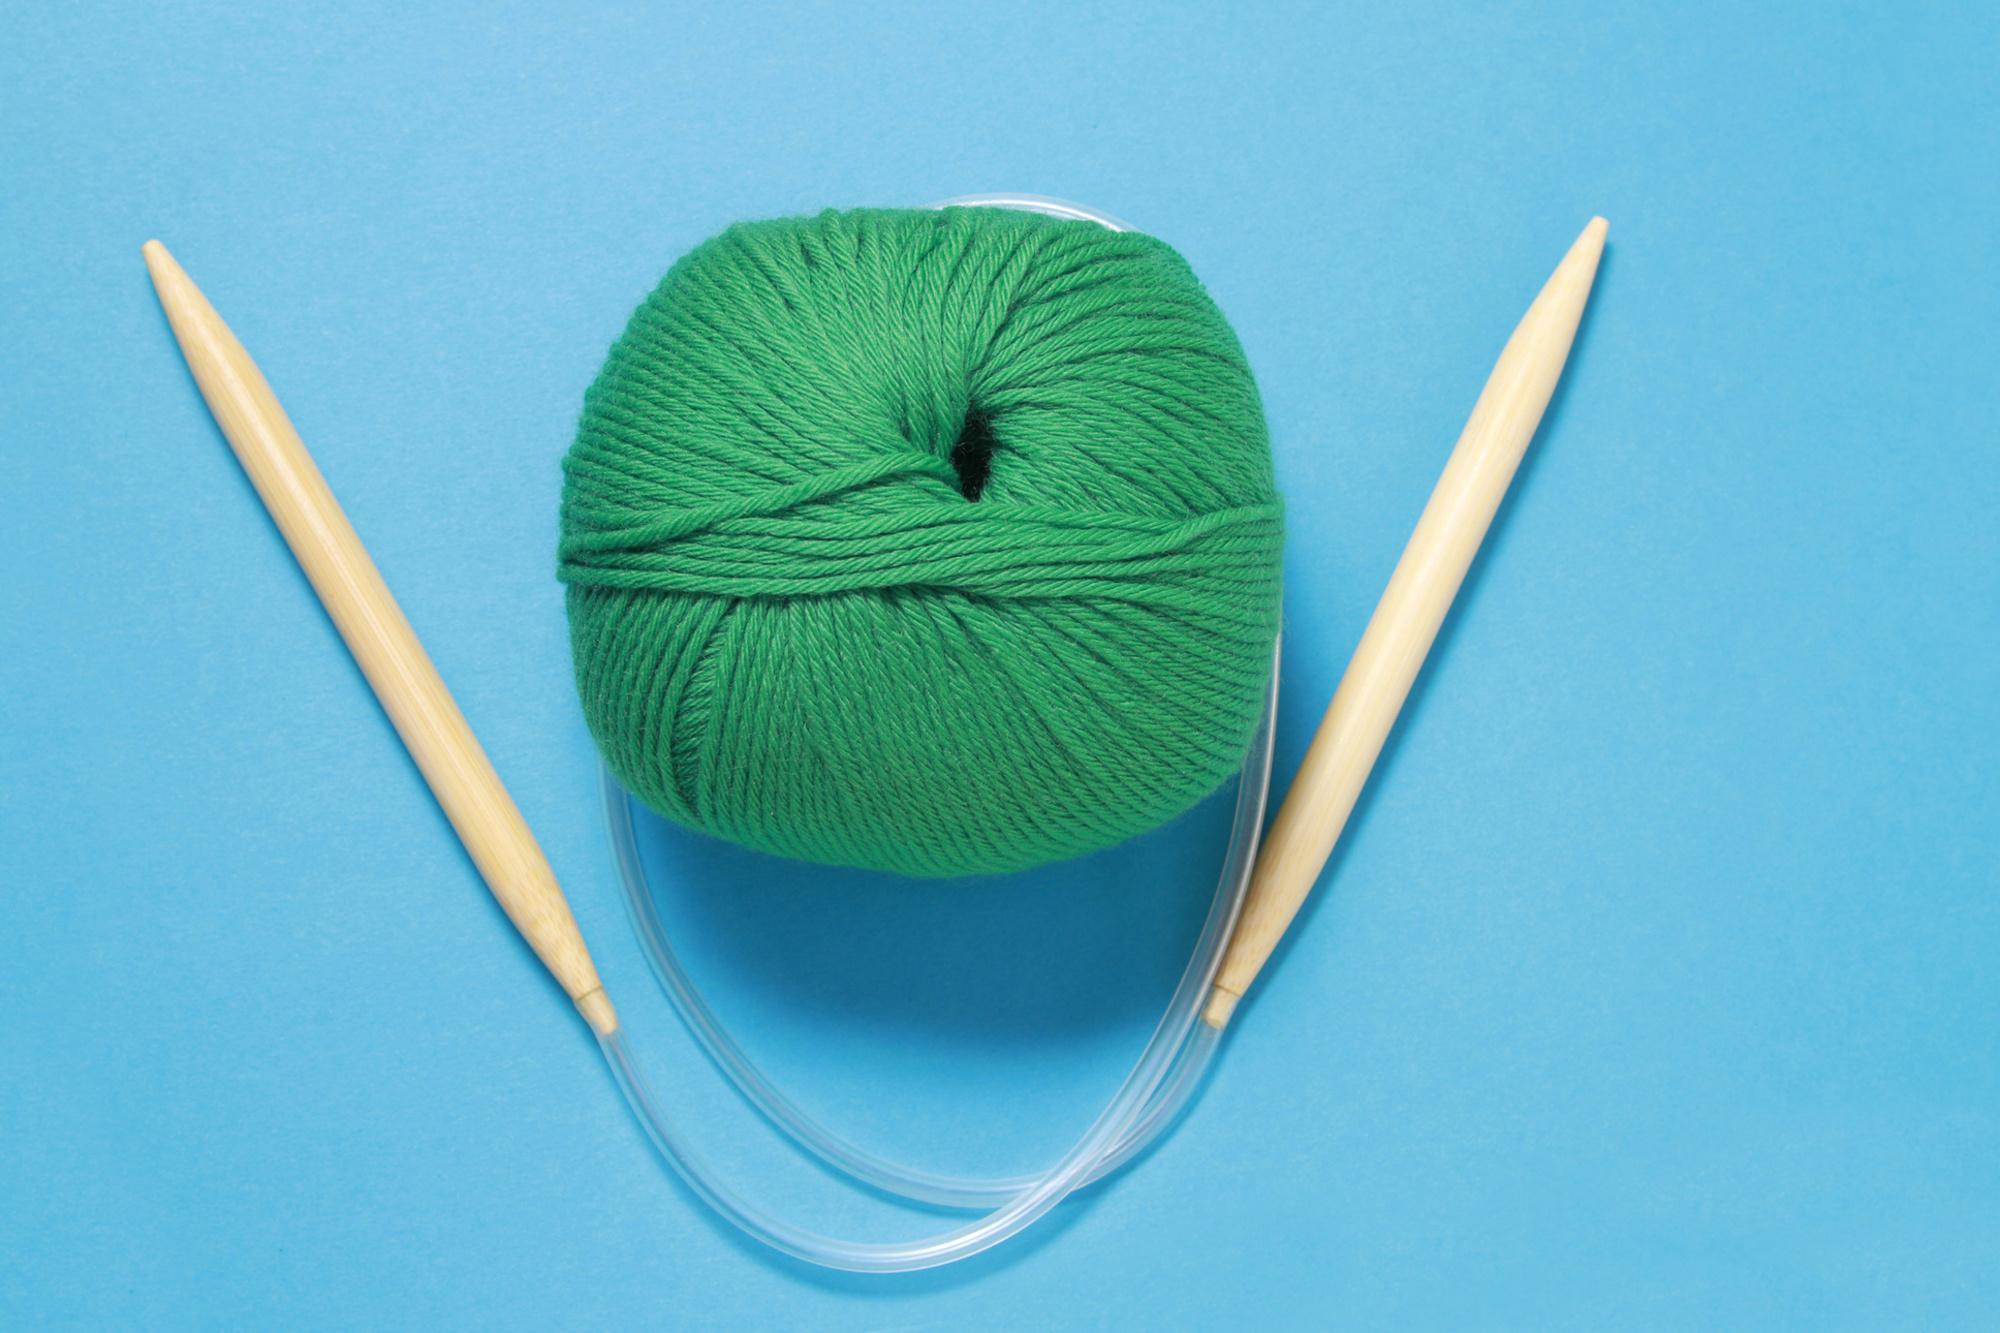 Aiguilles à tricoter circulaires., iStock